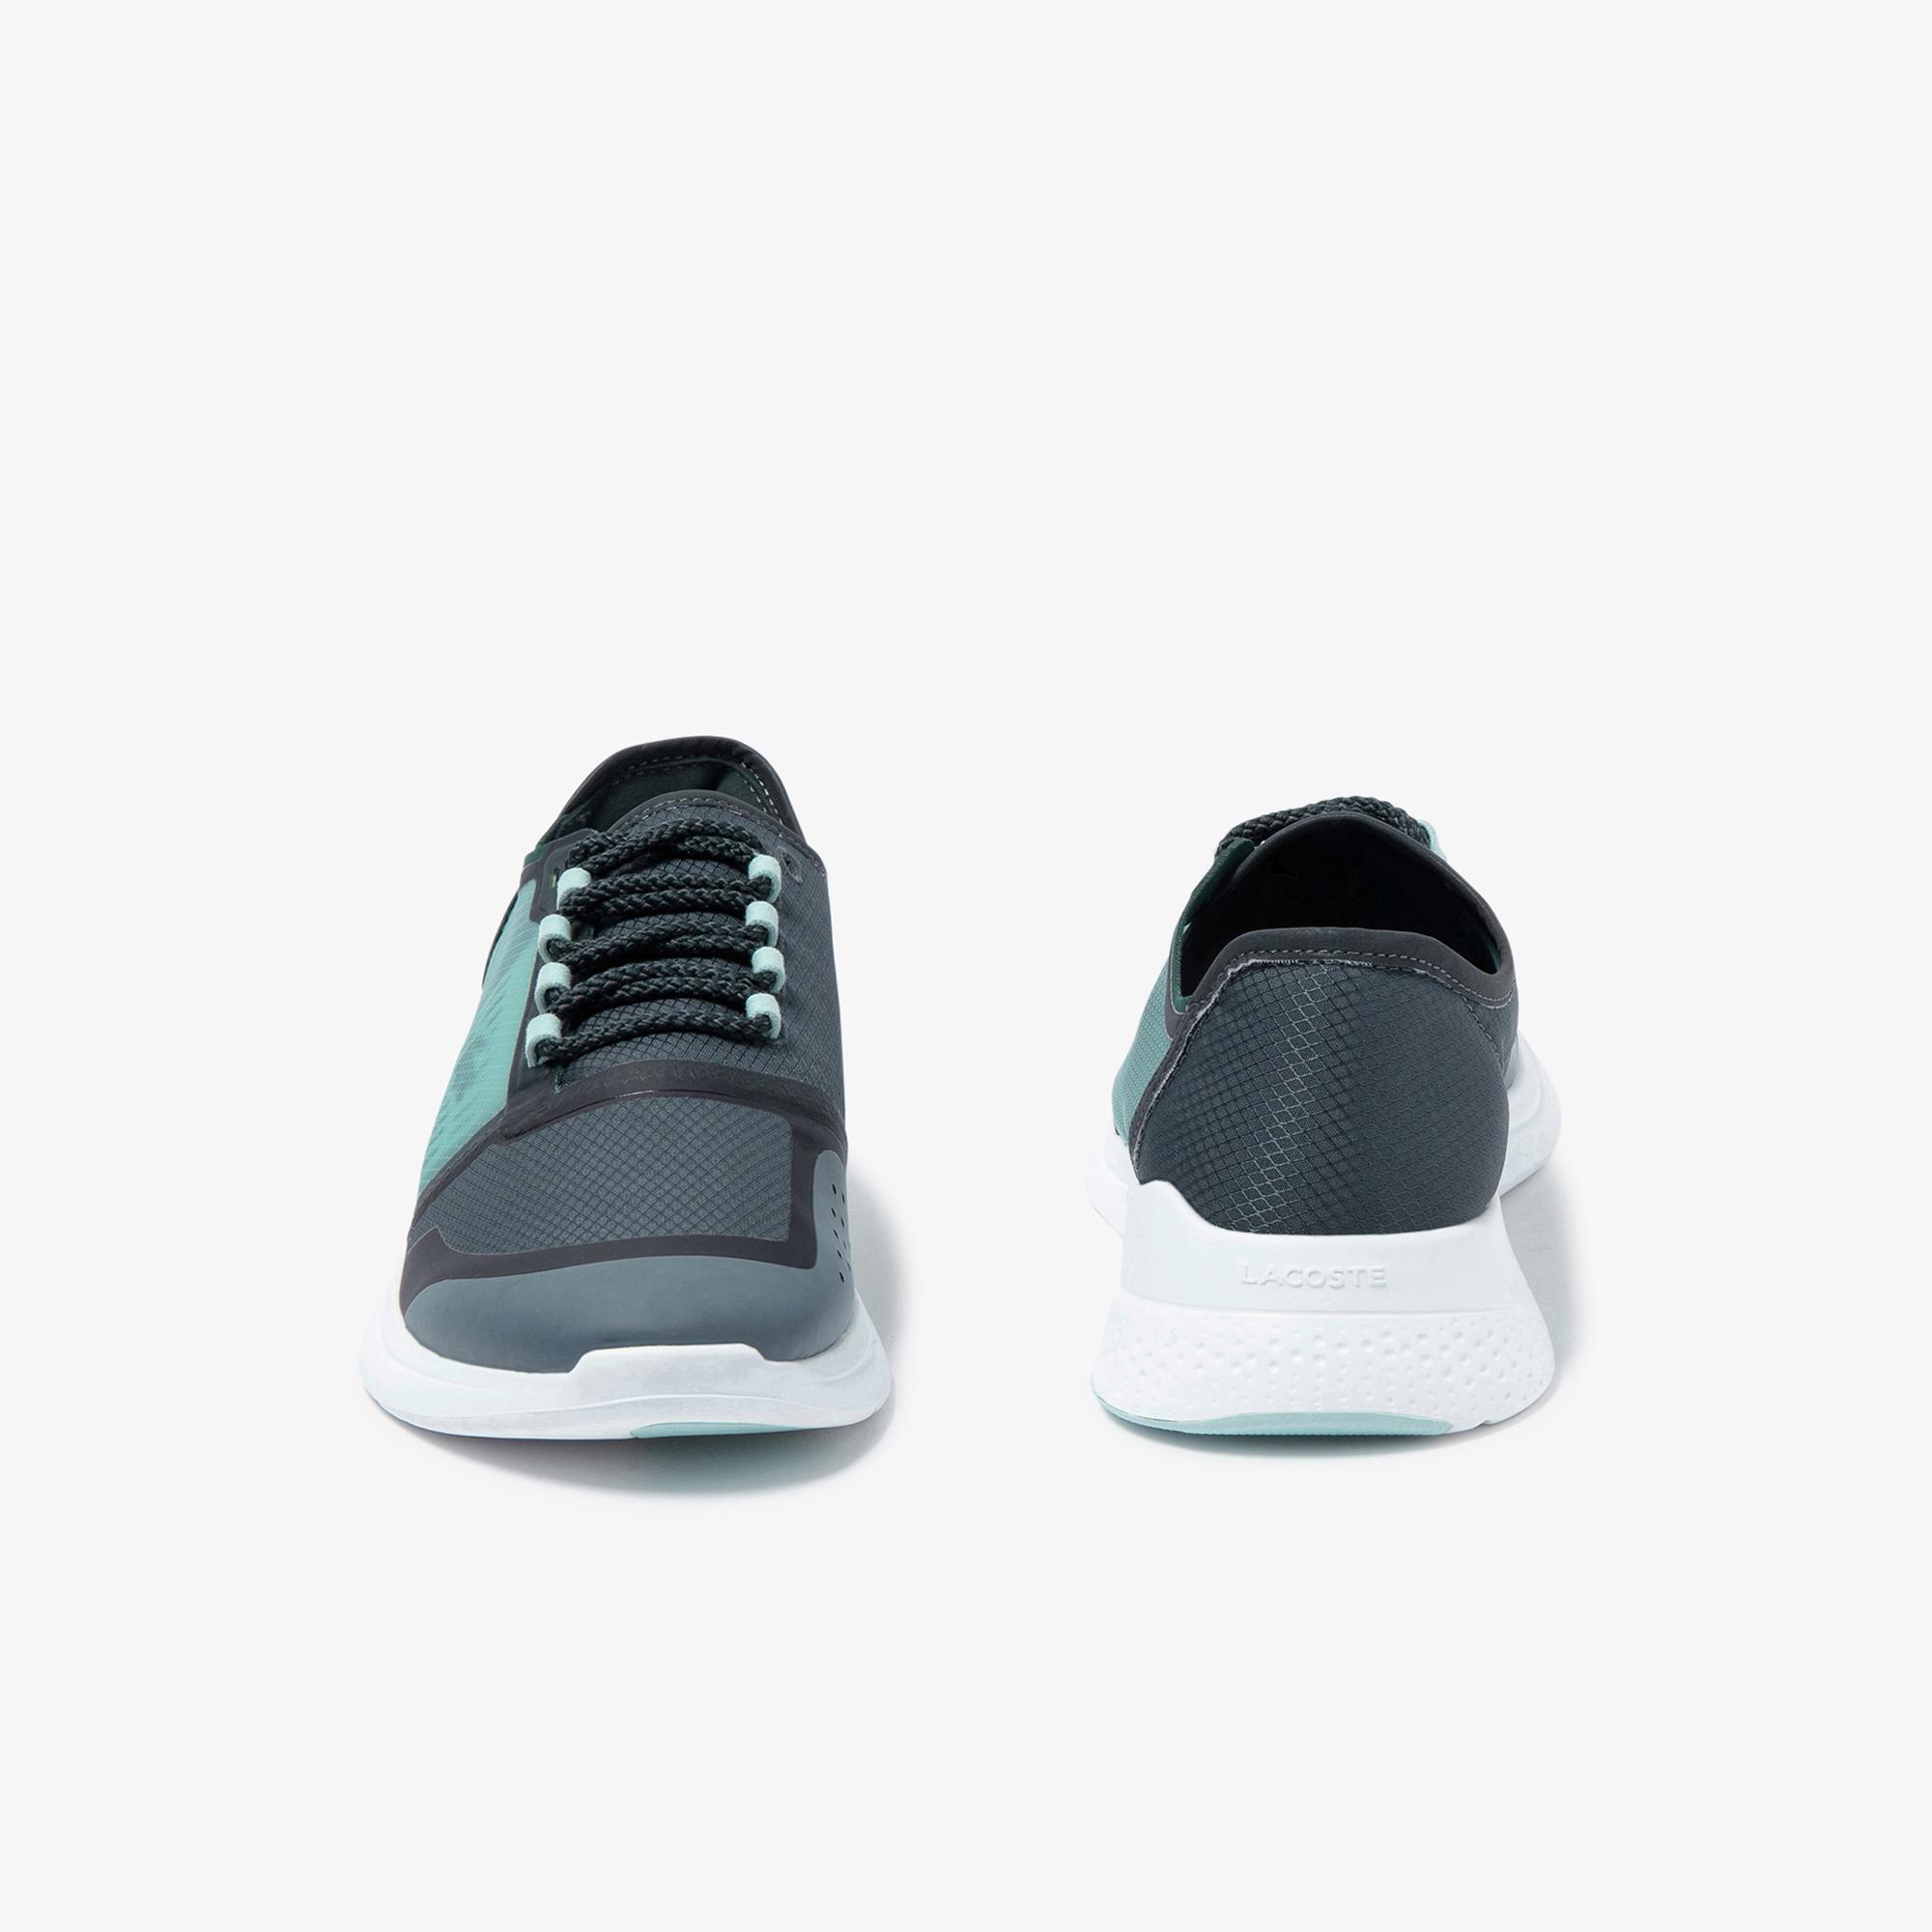 Lacoste Lt Fit 120 1 Sma Erkek Koyu Yeşil - Açık Yeşil Ayakkabı